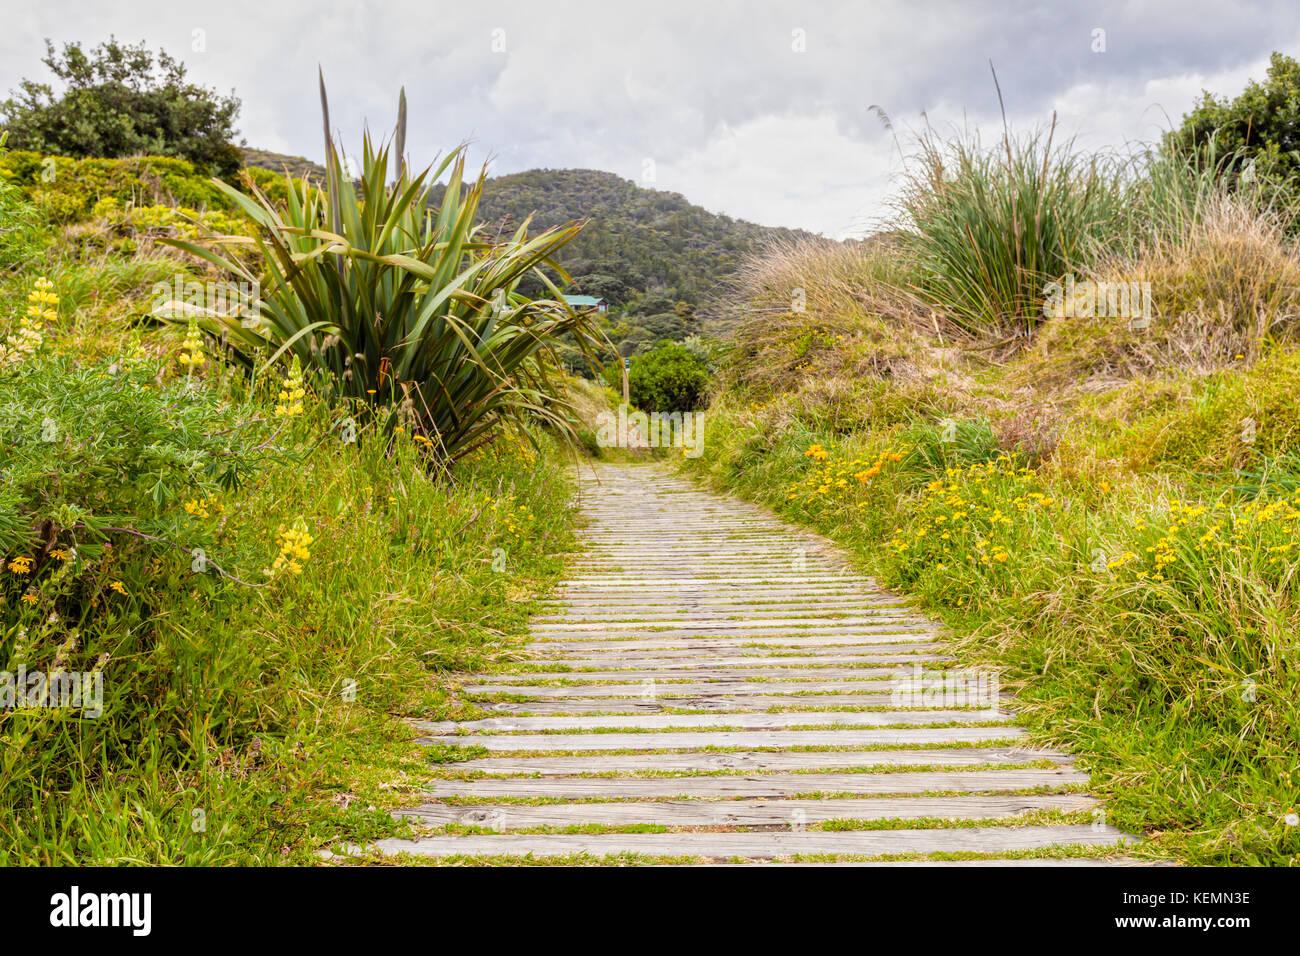 Boardwalk durch Vegetation bedeckten Sanddünen, Piha, Auckland, Neuseeland, auf ein weiches Licht. Stockbild